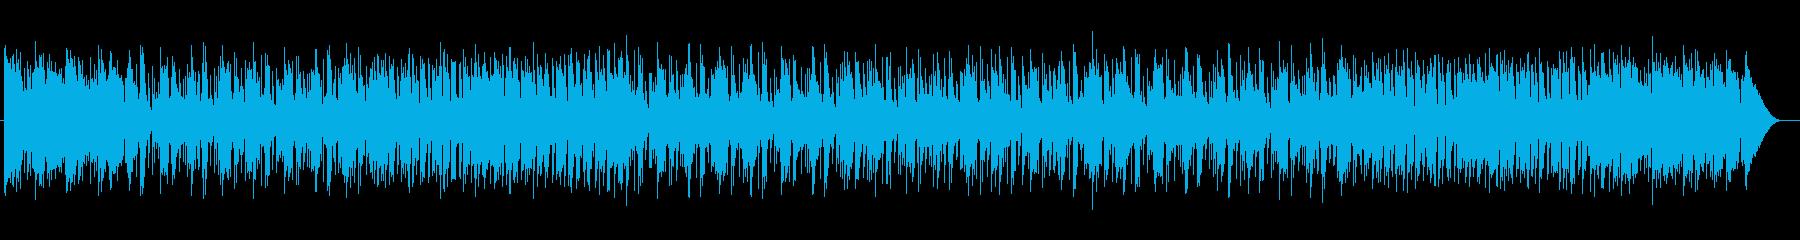 可憐で穏やかで優しいメロディーサウンドの再生済みの波形